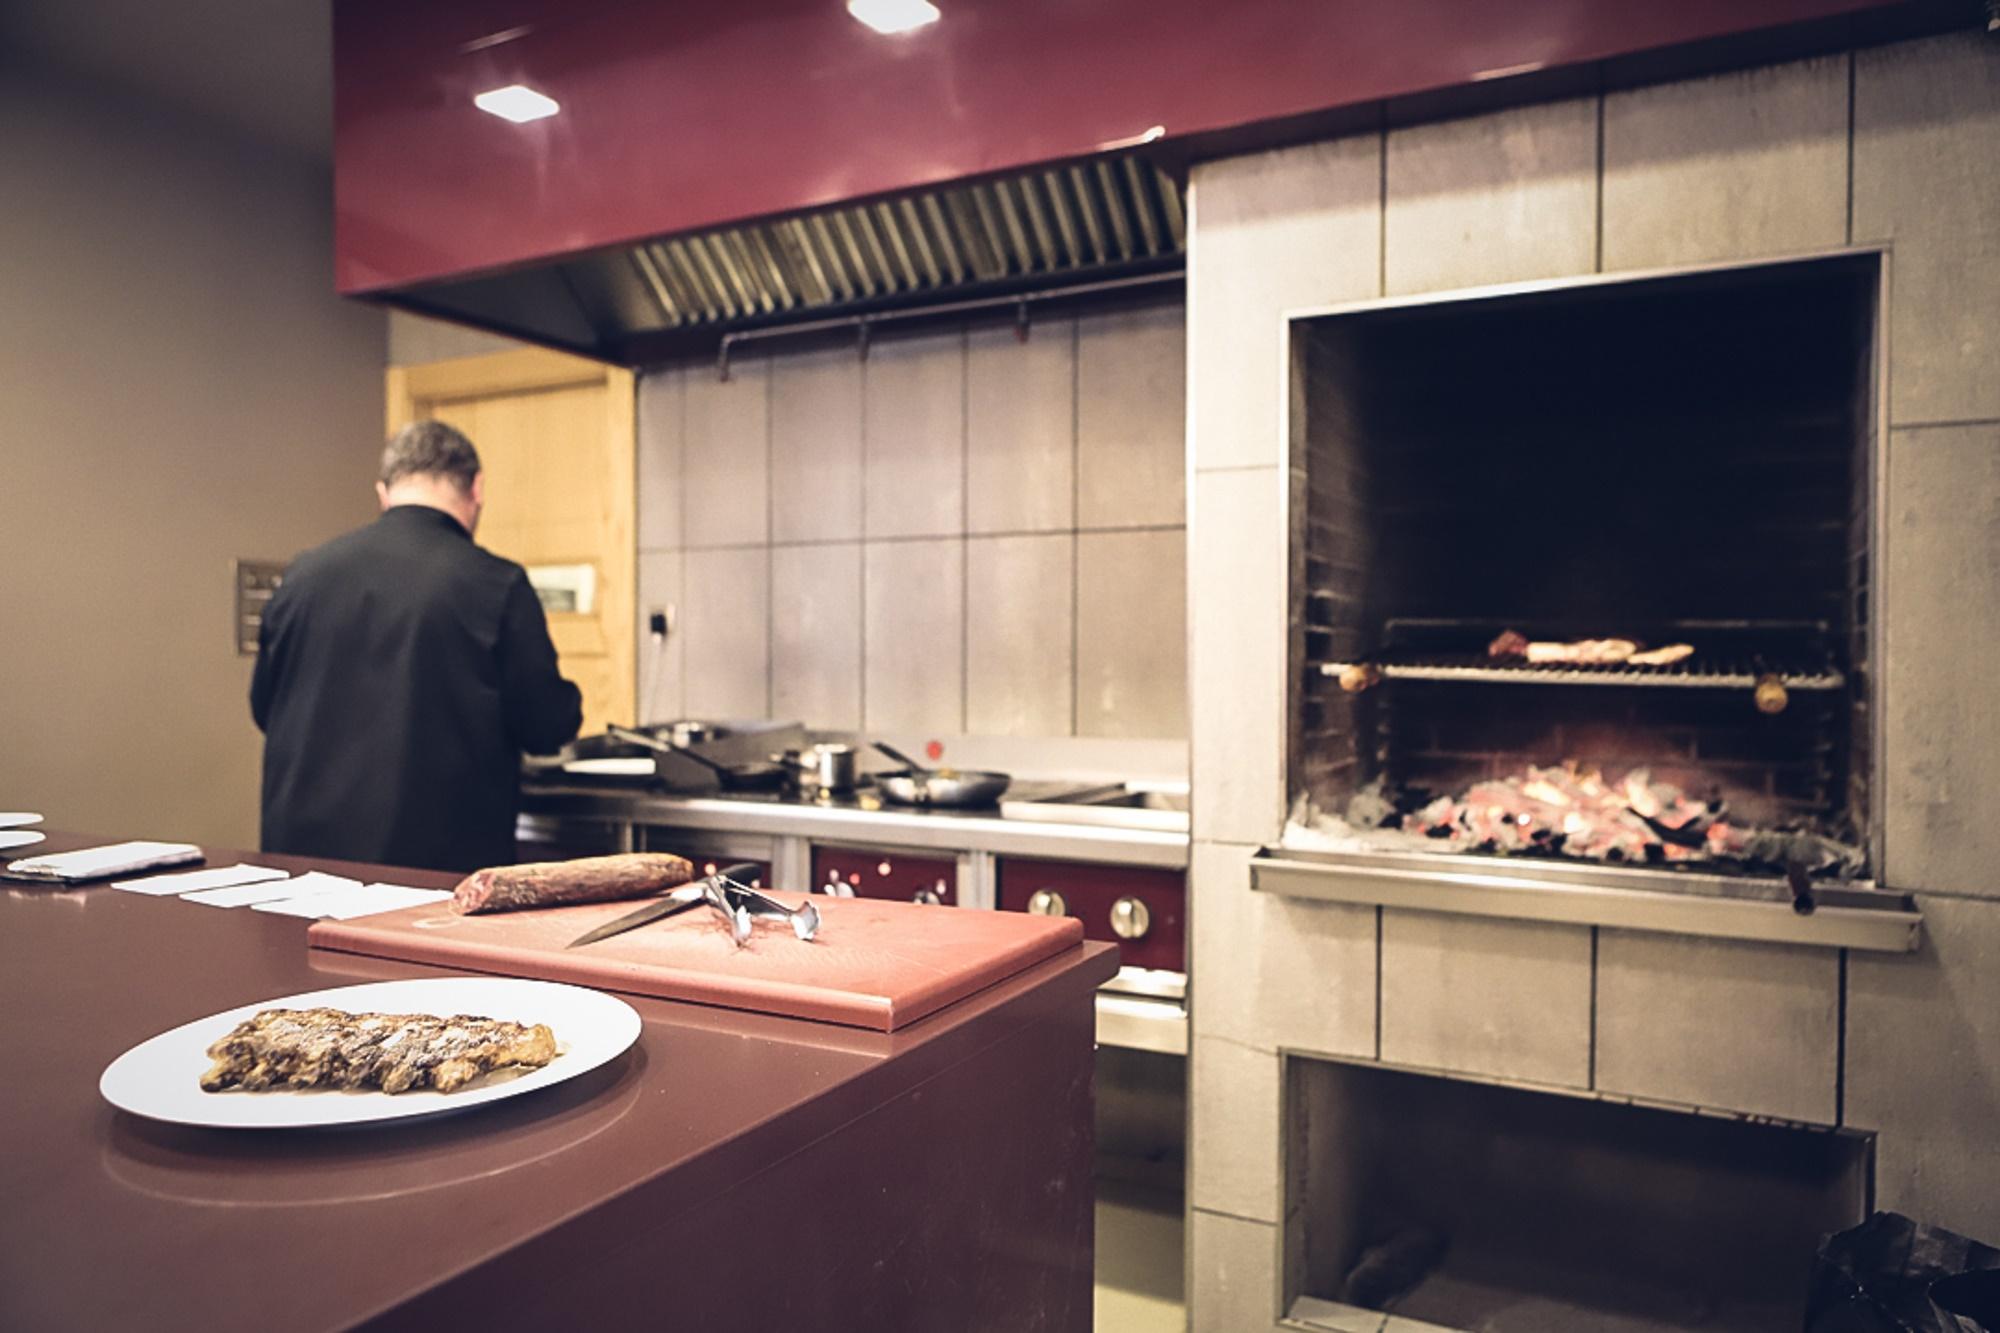 La cocina de 'Maskarada' es como sus platos, sencilla y sin extravagancias.